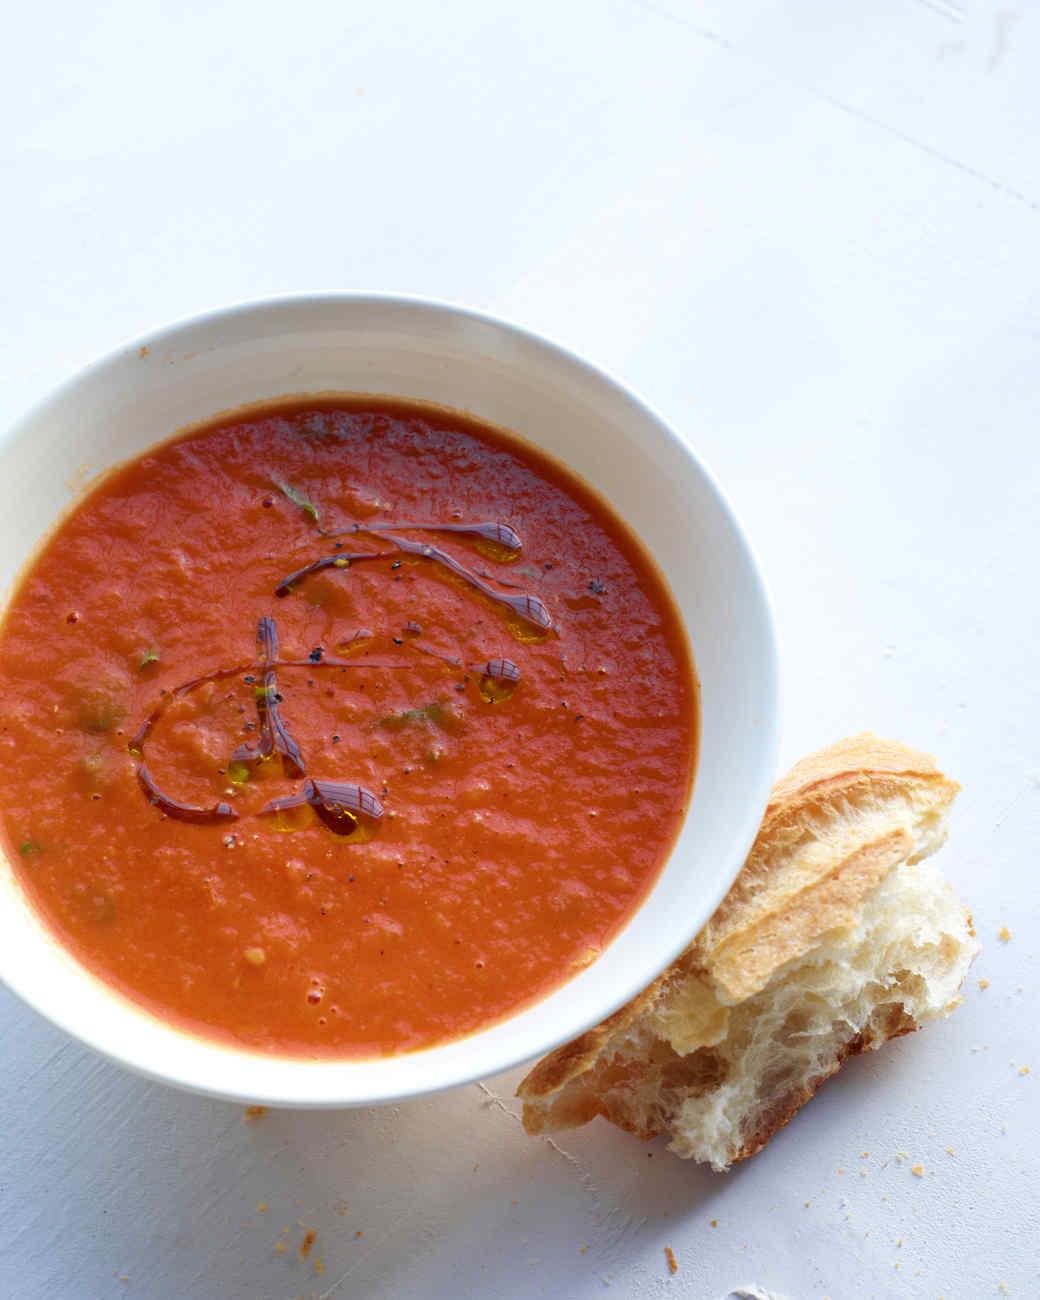 tomato-soup-030-d108588.jpg